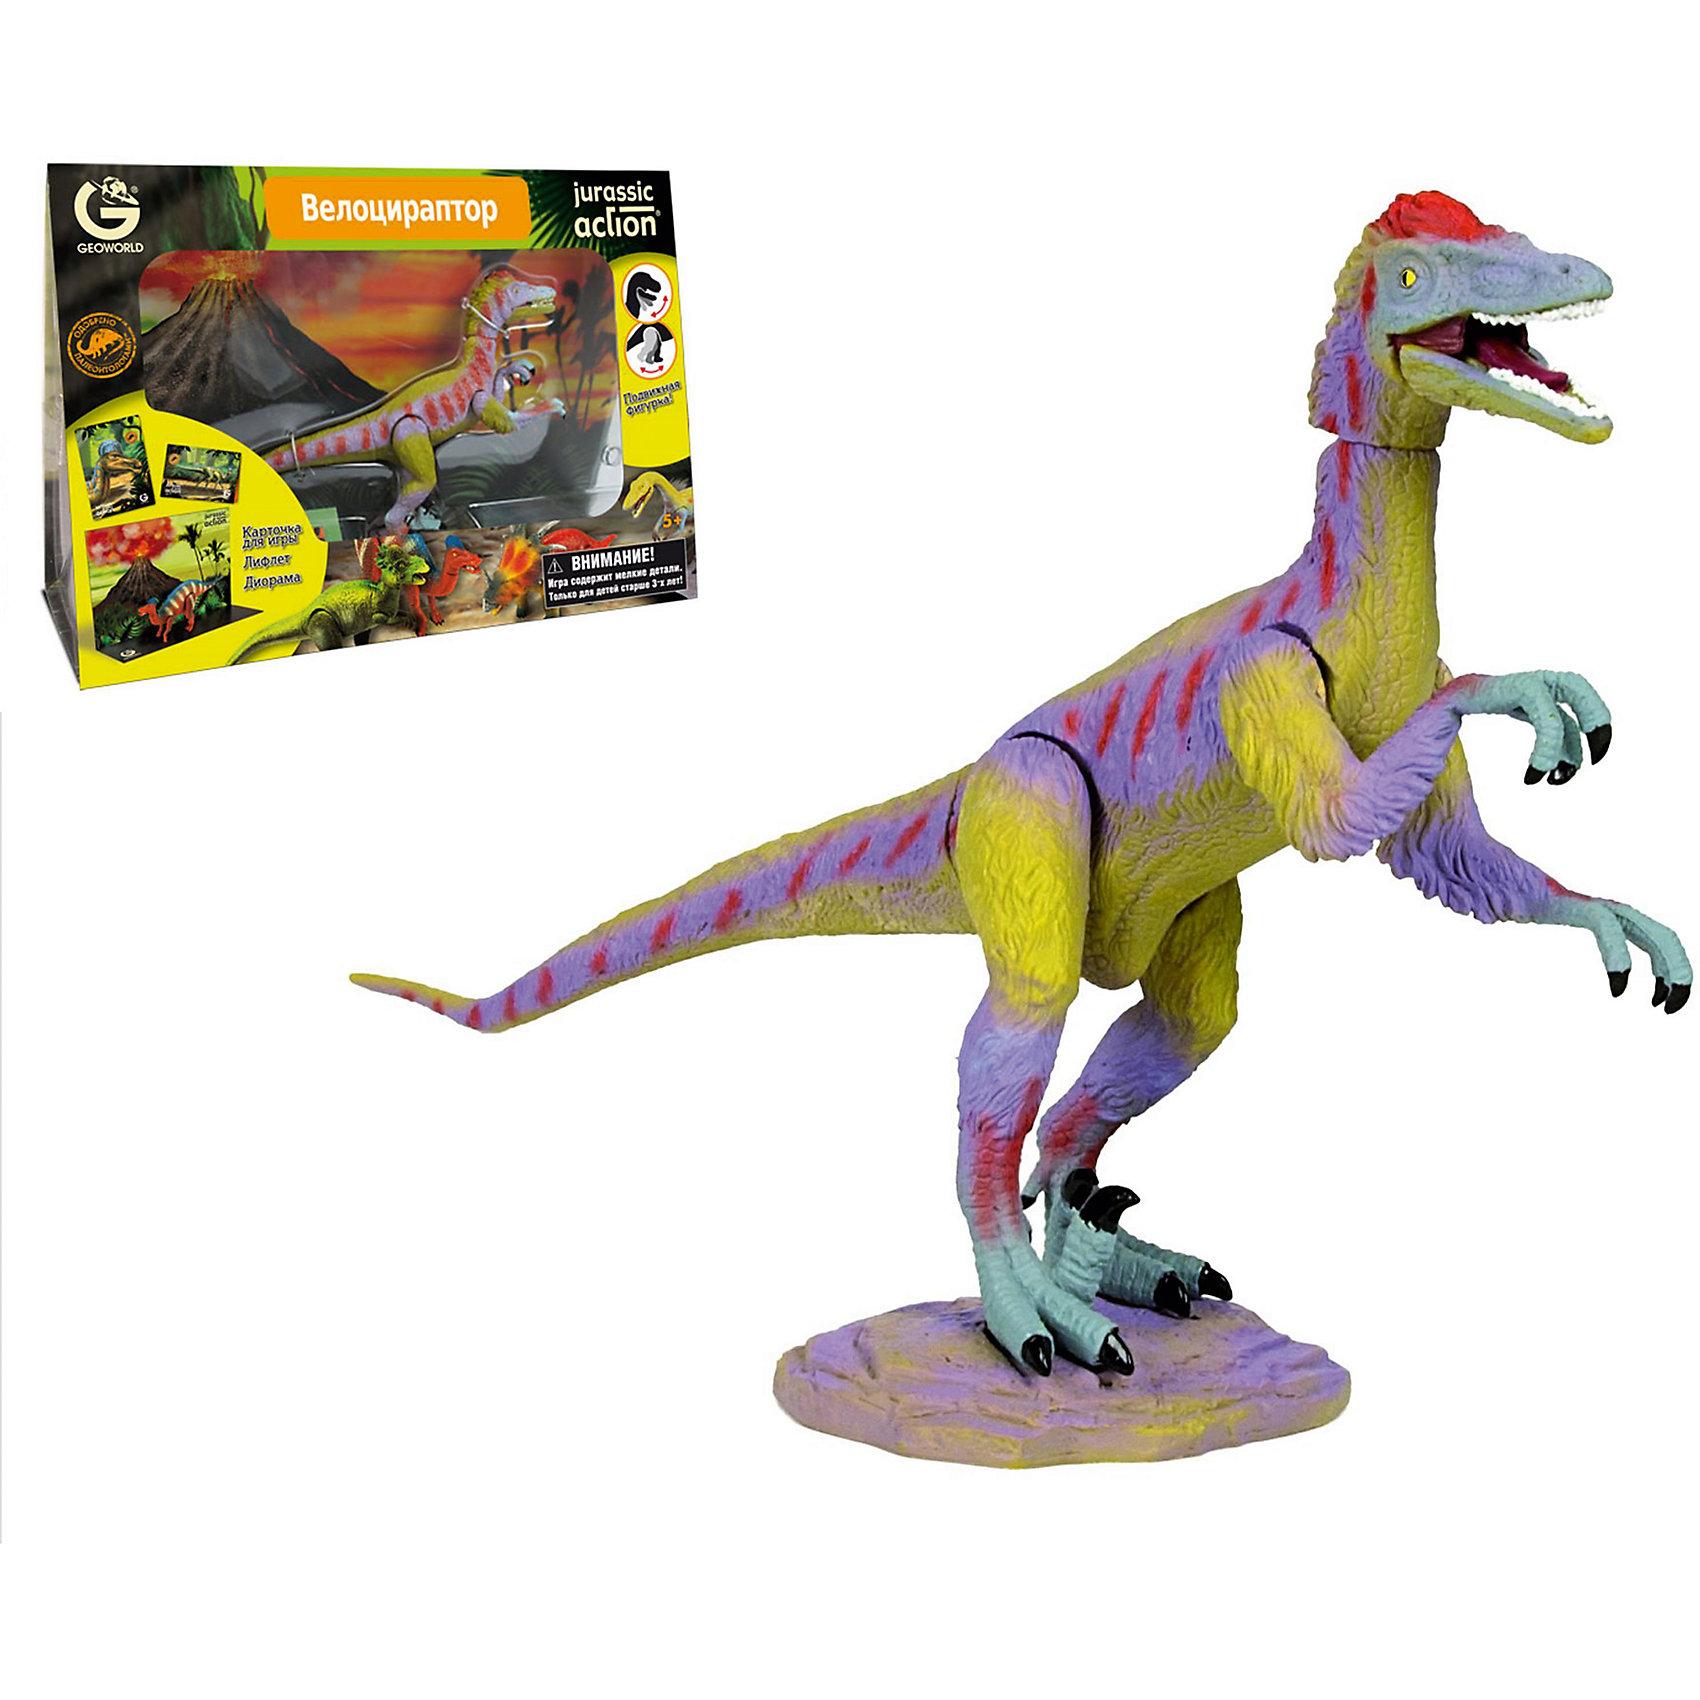 Динозавр Велоцираптор, коллекция Jurassic Action, GeoworldДраконы и динозавры<br>Характеристики товара:<br><br>• материал: пластик, картон<br>• фигурка подвижная<br>• возраст: от 4 лет<br>• габариты упаковки: 23х11х33 см<br>• комплектация: фигурка динозавра, карточка, буклет, диорама<br>• вес: 400 г<br>• страна бренда: Италия<br><br>Детализированная фигурка отлично впишется в коллекцию динозавров юного палеонтолога. Уникальный дизайн, проработанные мелкие детали и художественное исполнение сделали игрушку очень реалистичной и перенесли ее в раздел коллекционных моделей. Материалы, использованные при изготовлении товаров, проходят проверку на качество и соответствие международным требованиям по безопасности.<br><br>У фигурки подвижны конечности и голова, поэтому ей можно придавать разные позы. Также в наборе идет карточка, описывающая этого динозавра, и буклет. Плюс - диорама со средой обитания динозавра. Такие фигурки помогают привить детям любовь к учебе, развить воображение и интерес к коллекционированию.<br><br>Динозавр Велоцираптор, коллекция Jurassic Action, от бренда Geoworld можно купить в нашем интернет-магазине.<br><br>Ширина мм: 230<br>Глубина мм: 110<br>Высота мм: 330<br>Вес г: 422<br>Возраст от месяцев: 60<br>Возраст до месяцев: 108<br>Пол: Унисекс<br>Возраст: Детский<br>SKU: 5419000